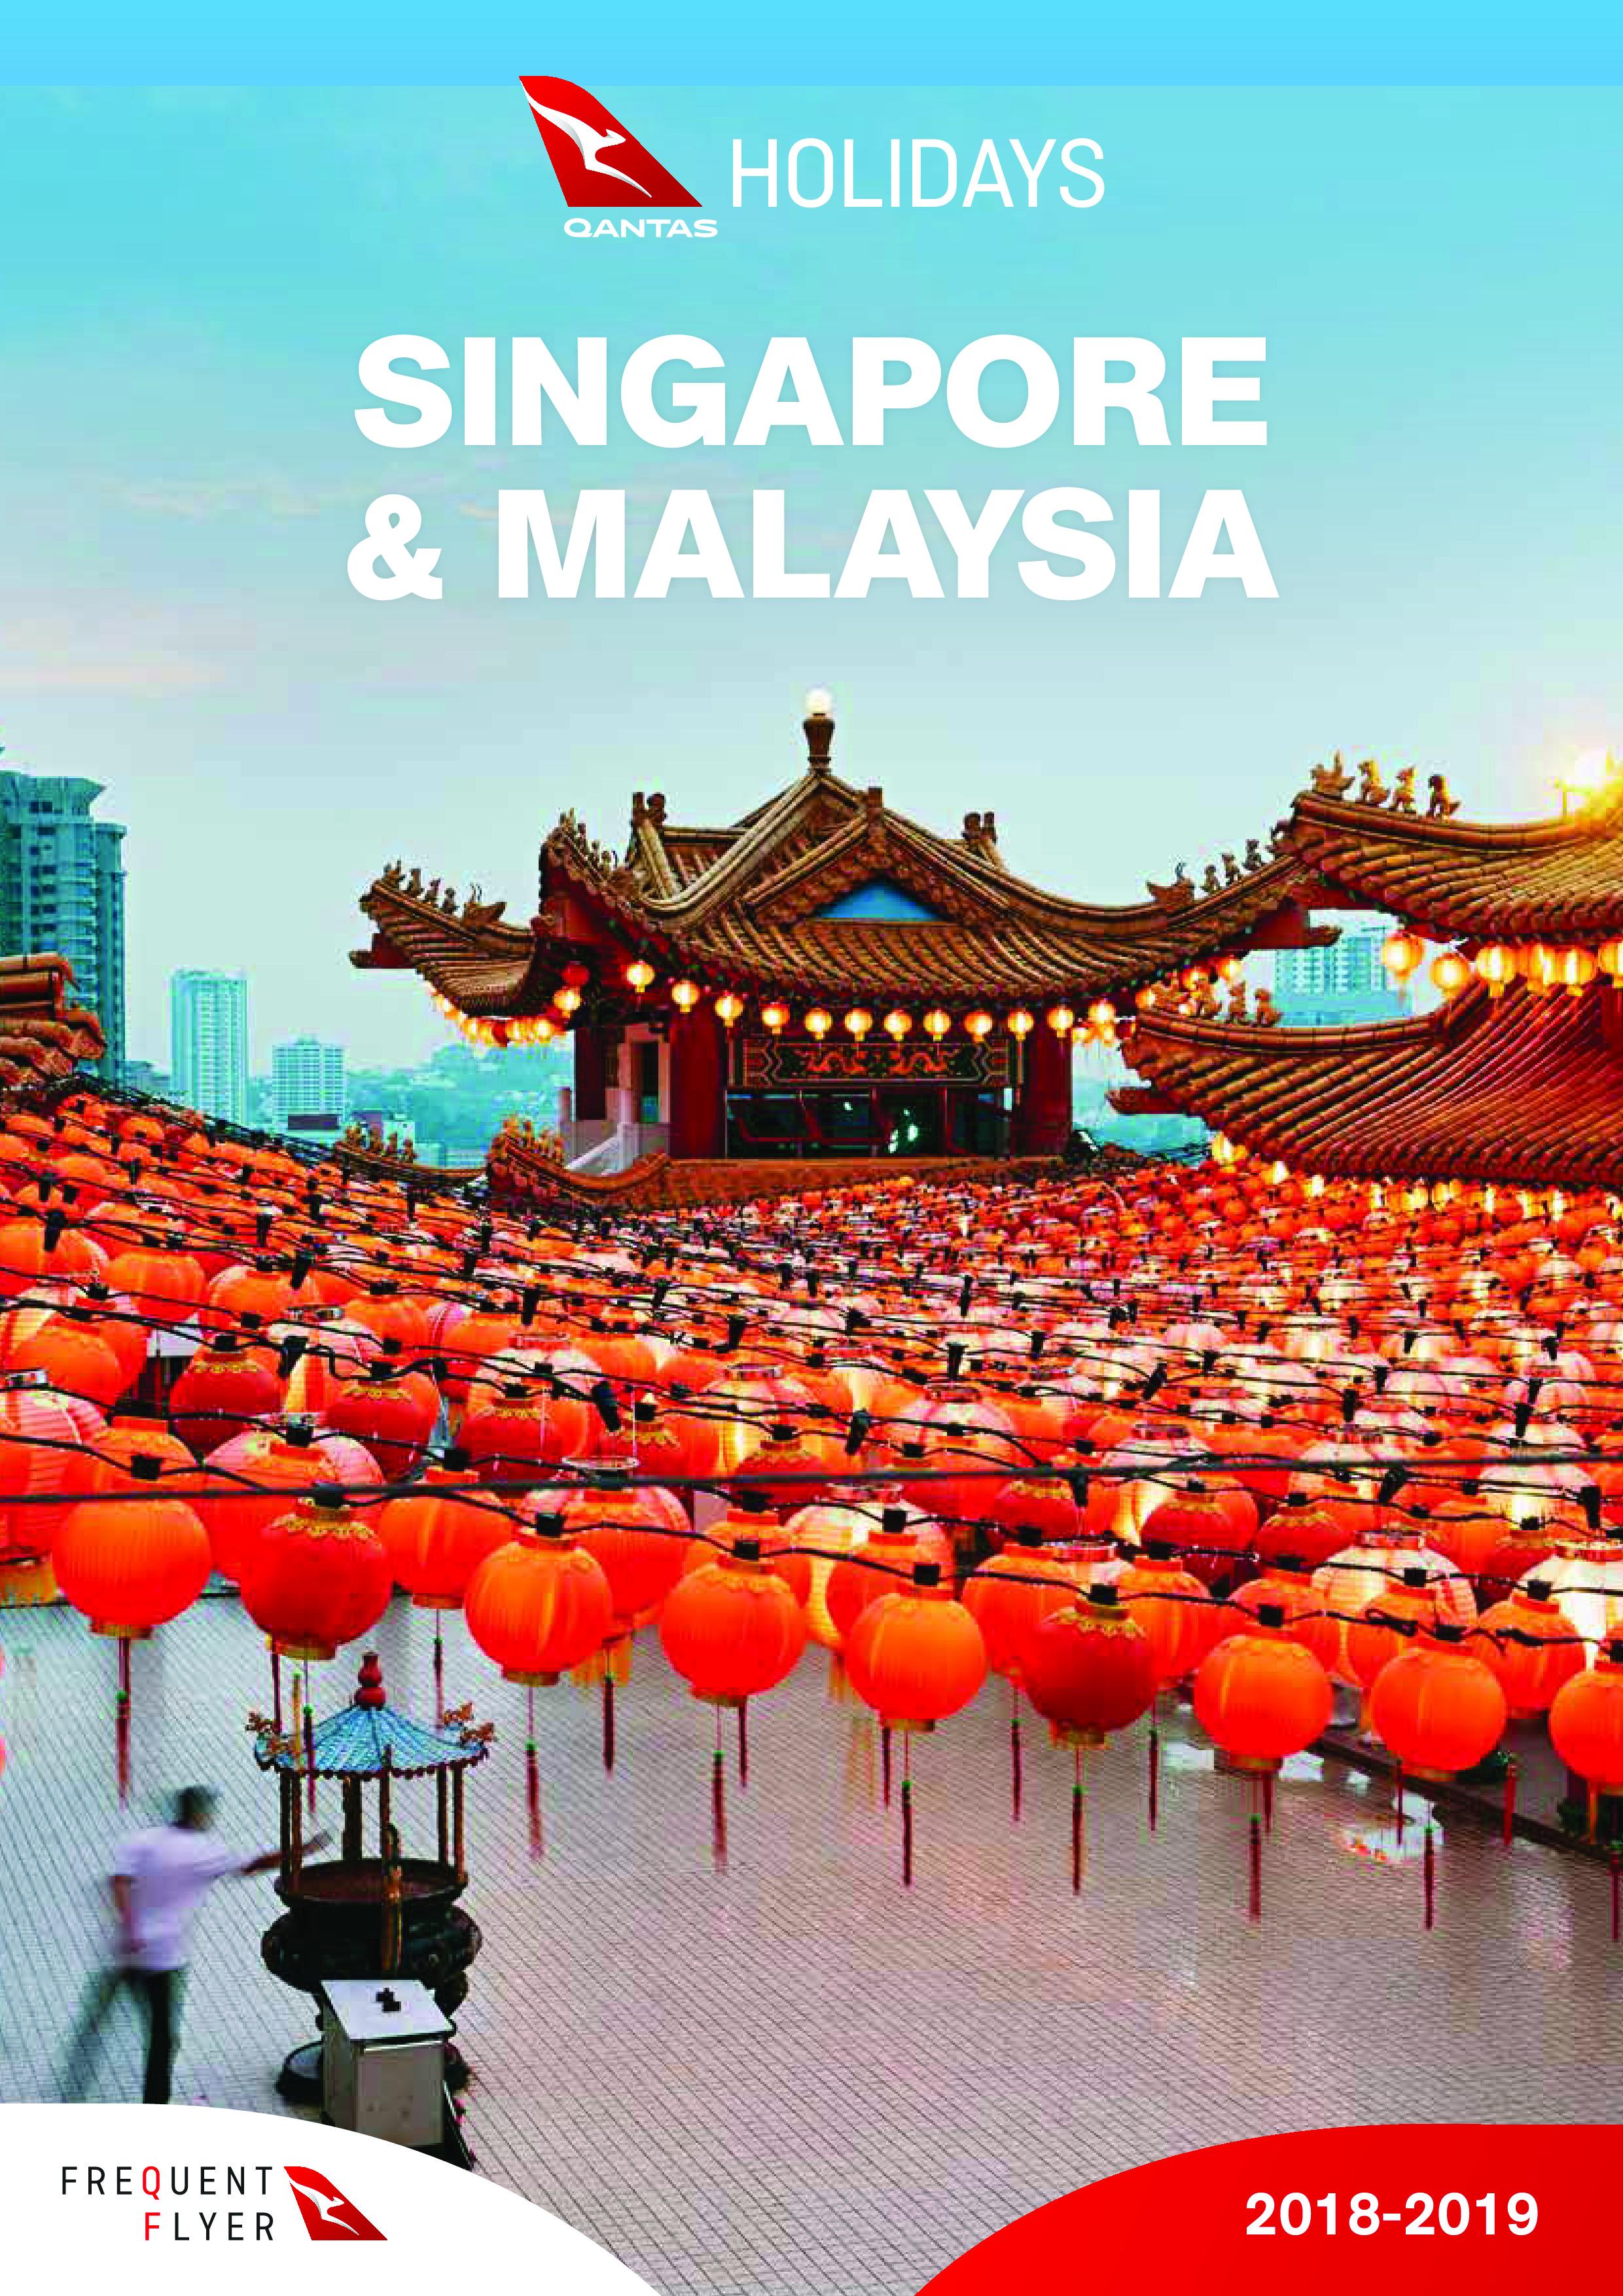 SINGAPORE-page-0.jpg